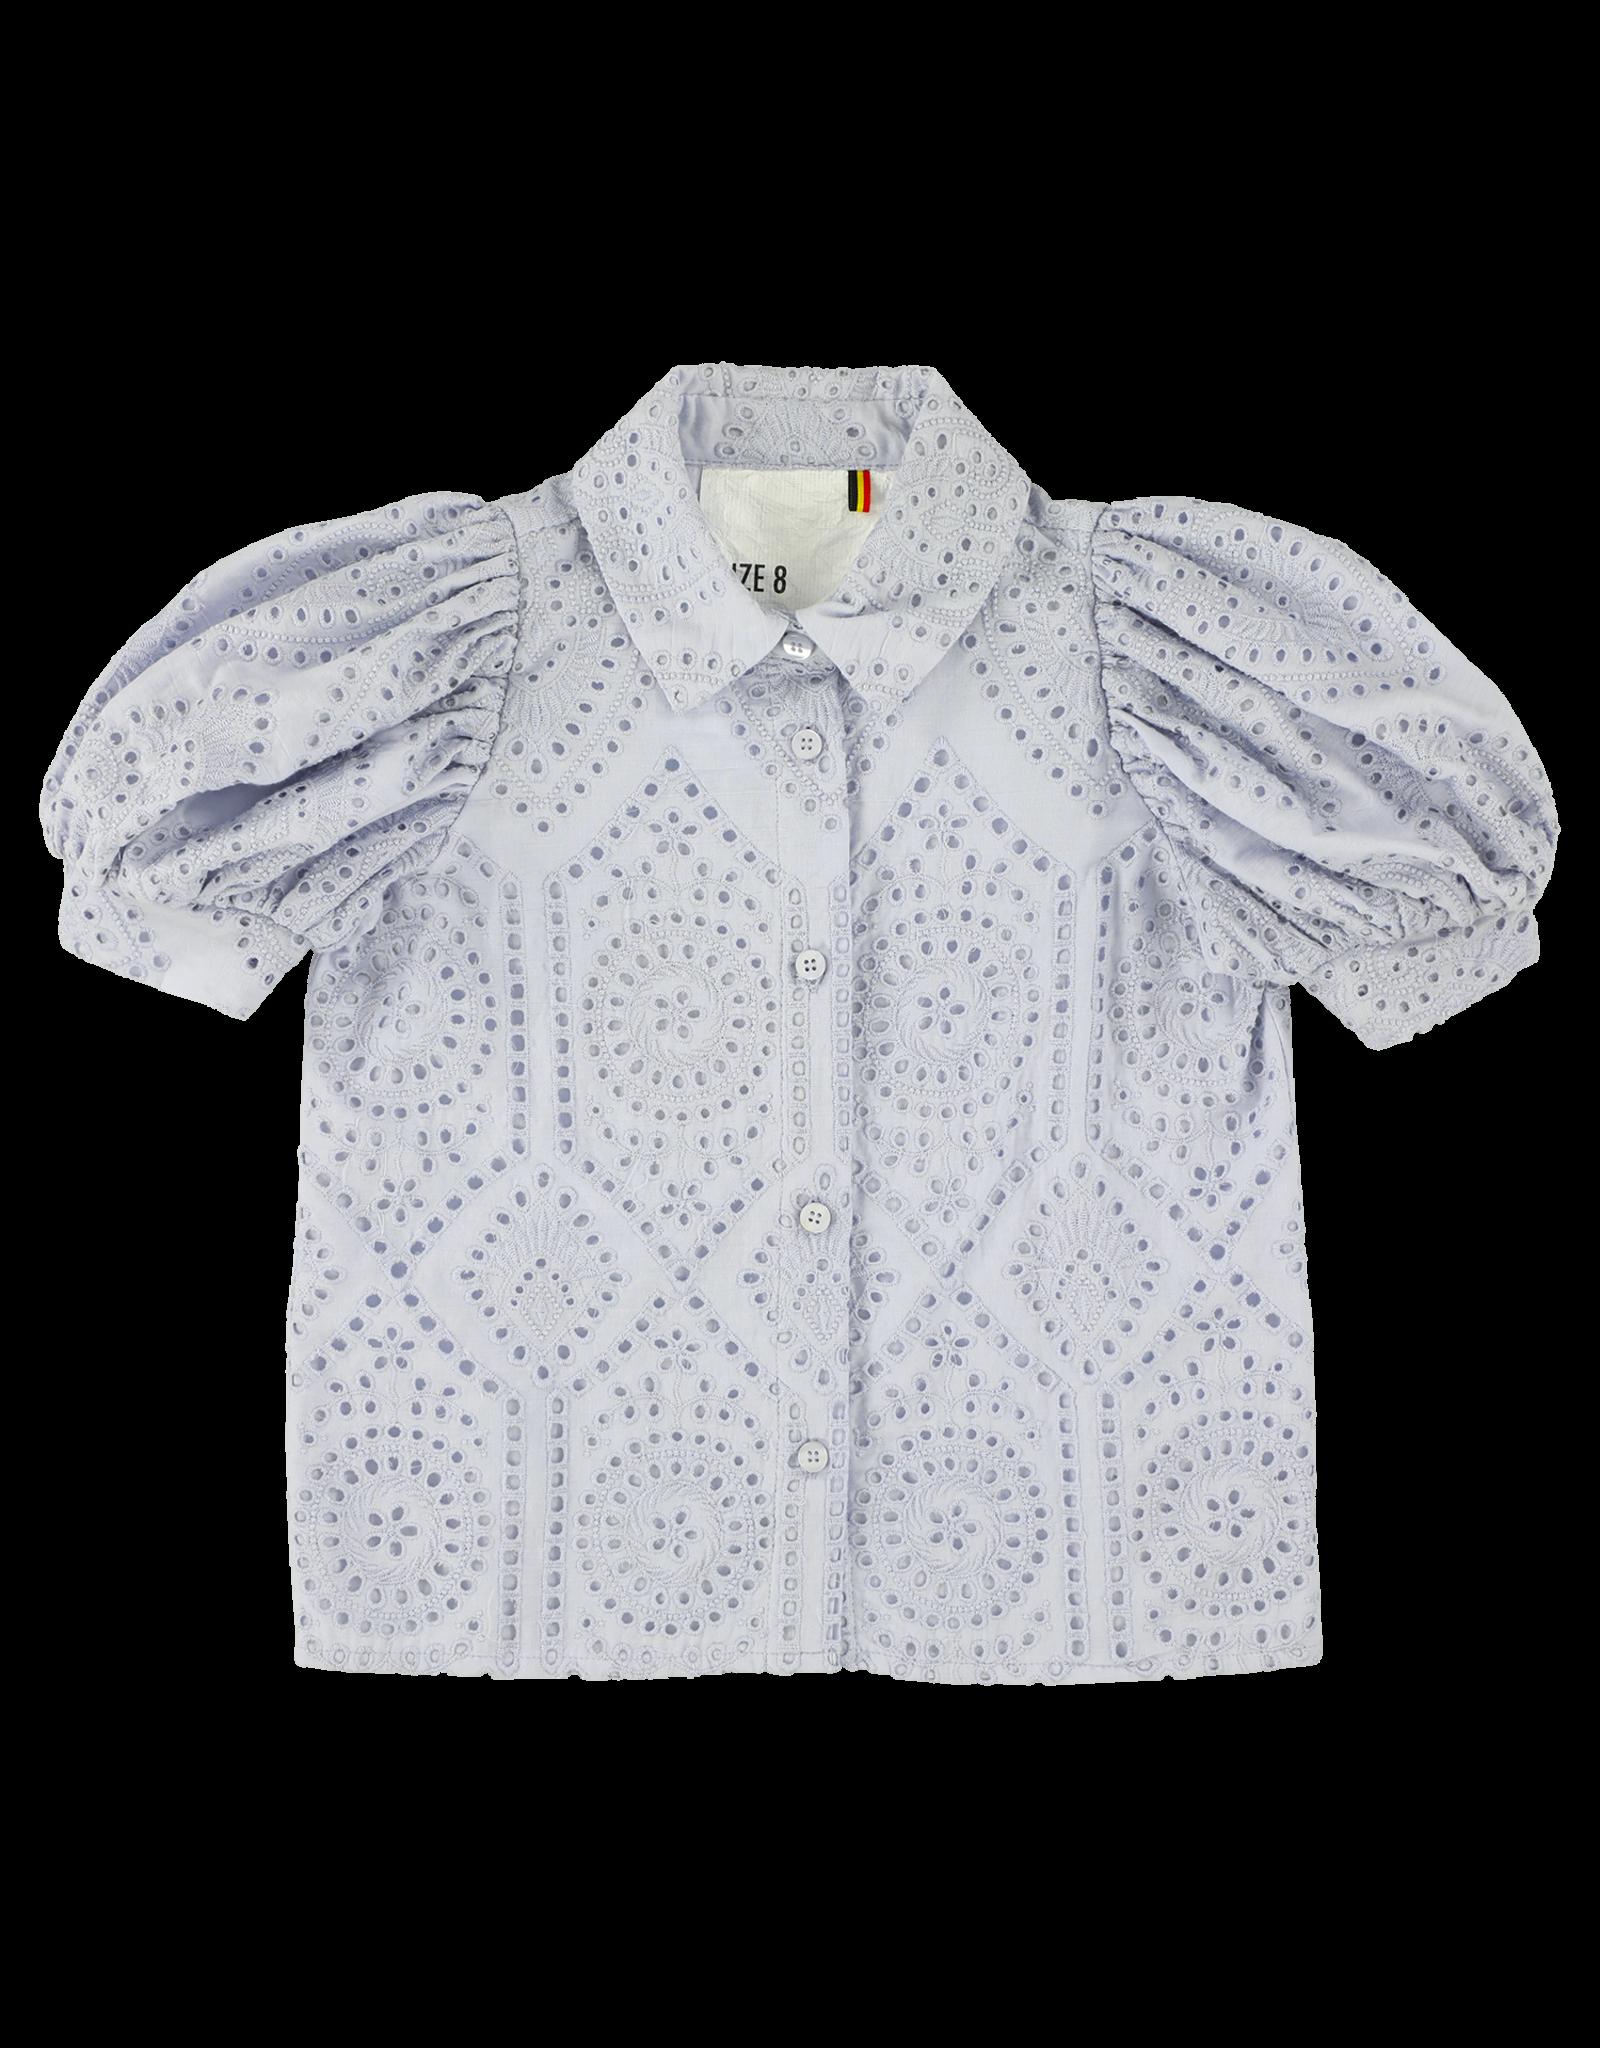 Caroline Bosmans CRLNBSMNS SS21 Puff sleeved shirt